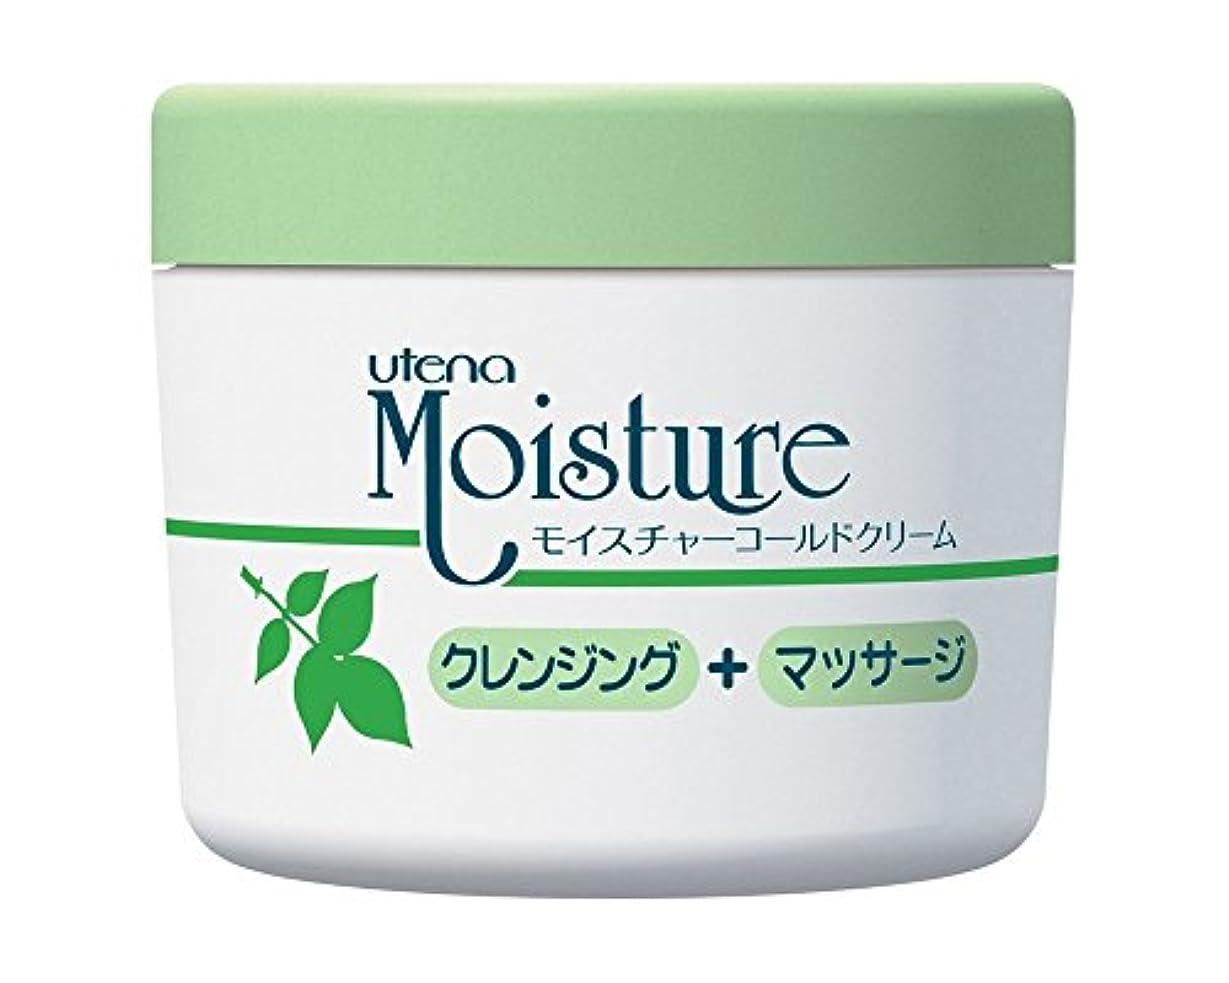 ひねくれた分泌する好ましいウテナ モイスチャーコールドクリーム (洗い流し?ふきとり両用タイプ) 250g